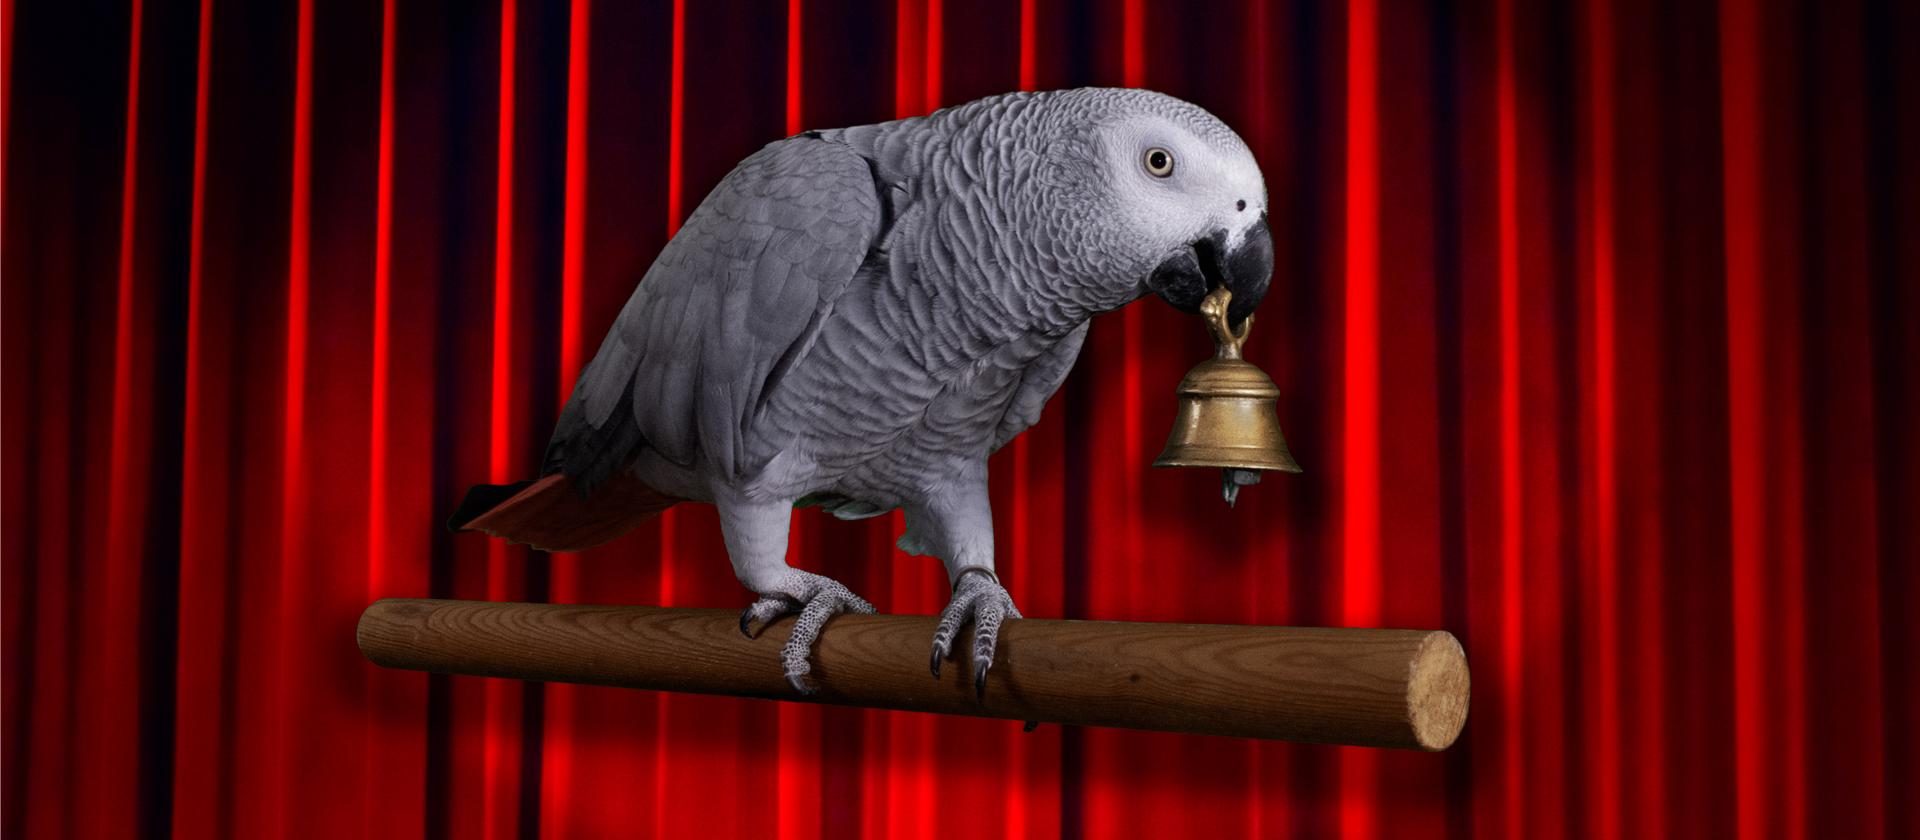 Parrot show 1